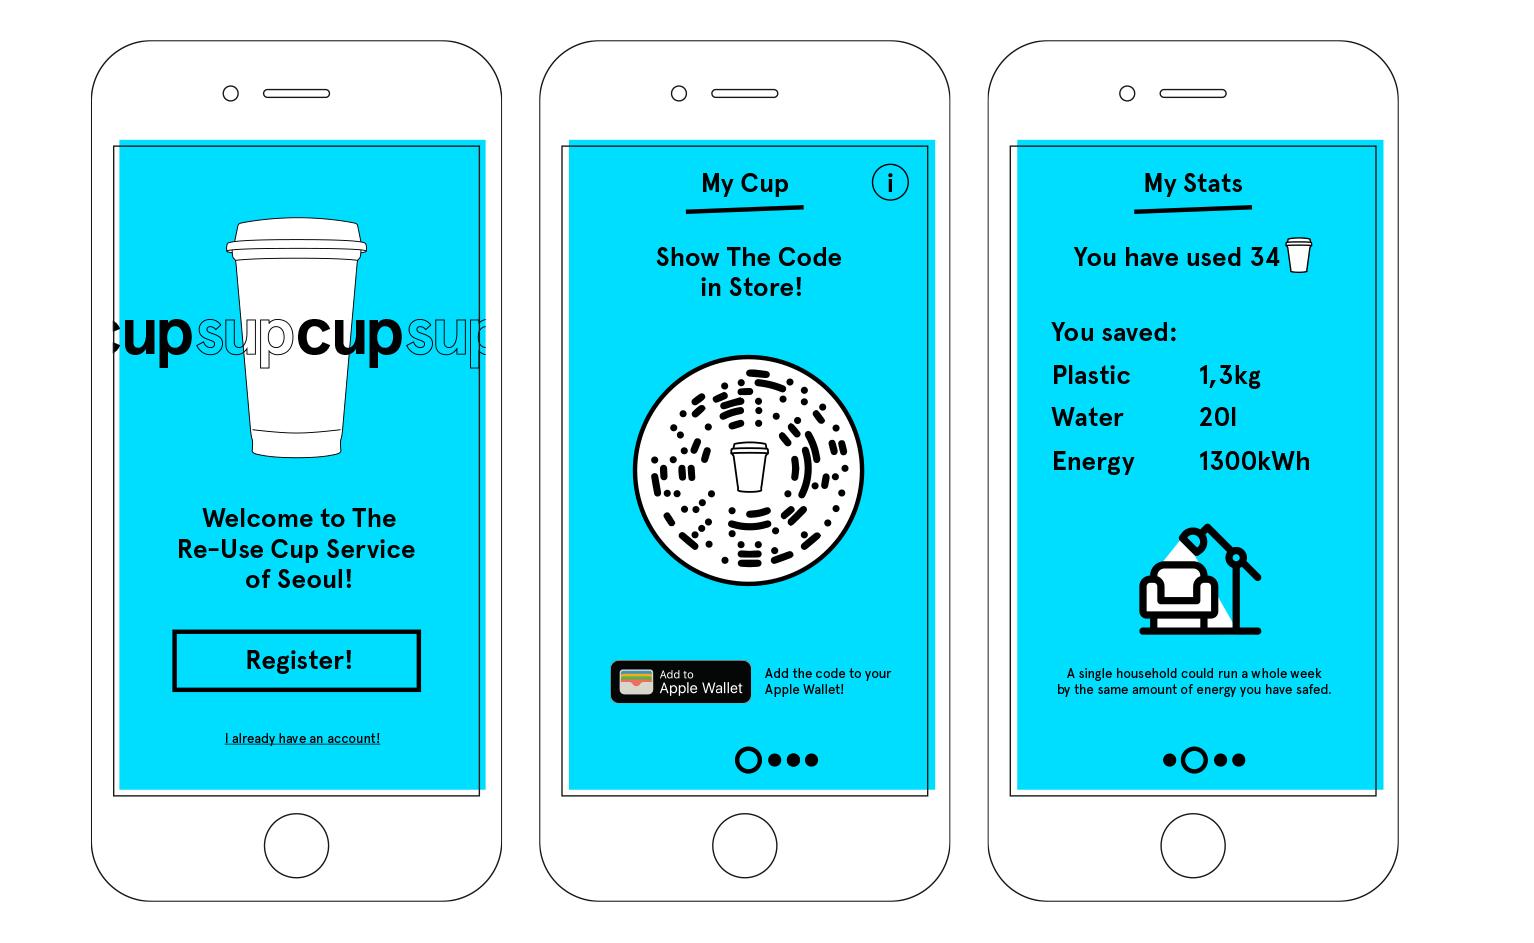 supcup_app